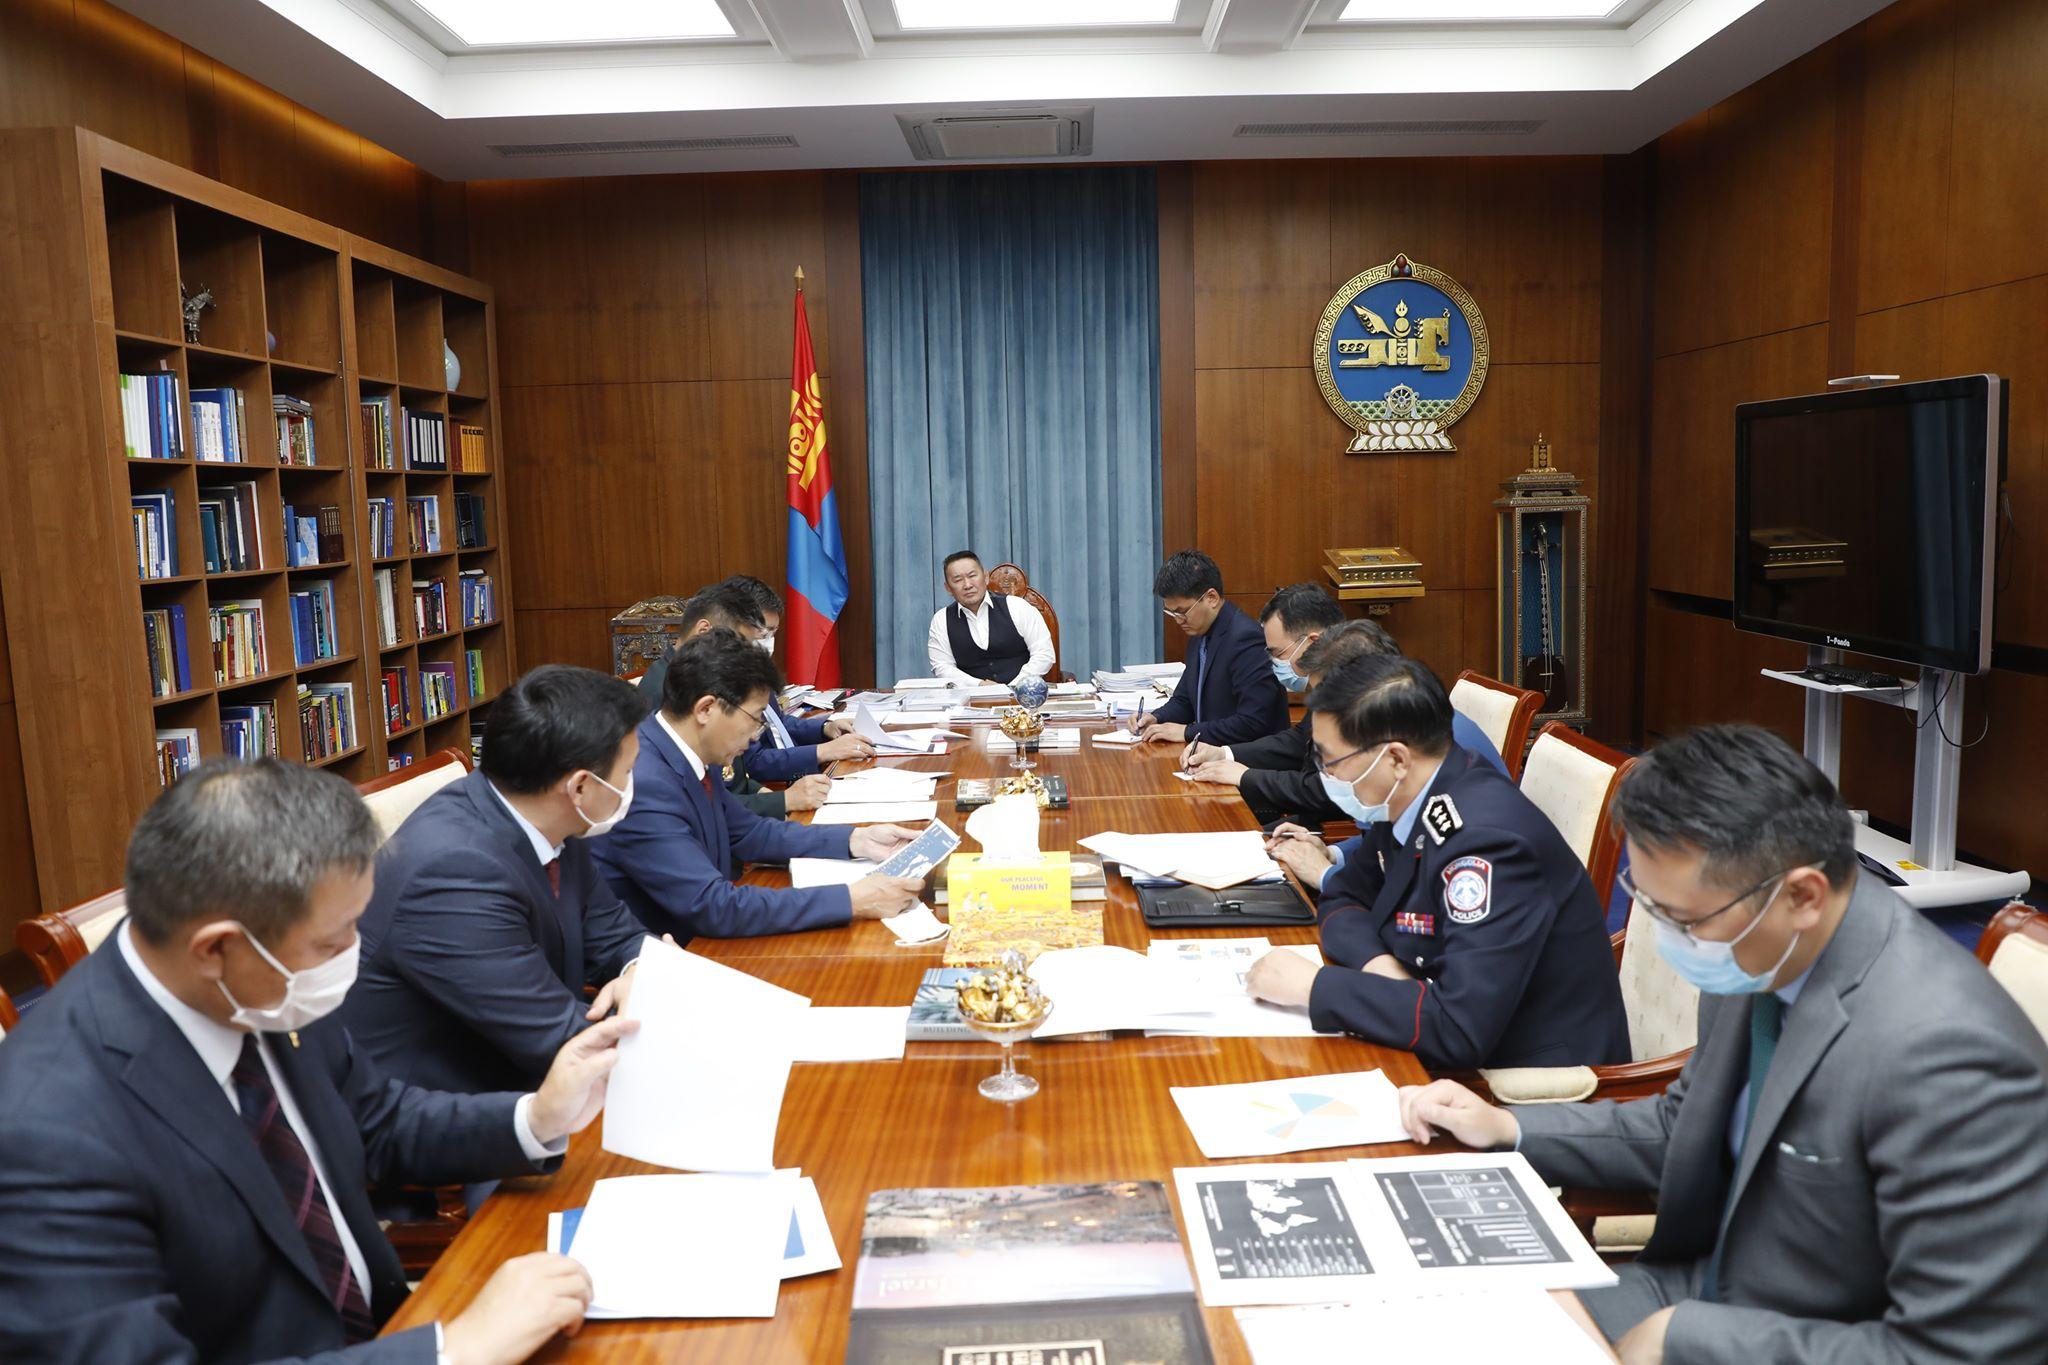 Монгол Улсын Ерөнхийлөгч Х.Баттулга гадаадад байгаа иргэдийг эх оронд нь татан авчирах ажлаа өргөтгөх үүрэг, чиглэл өгөв